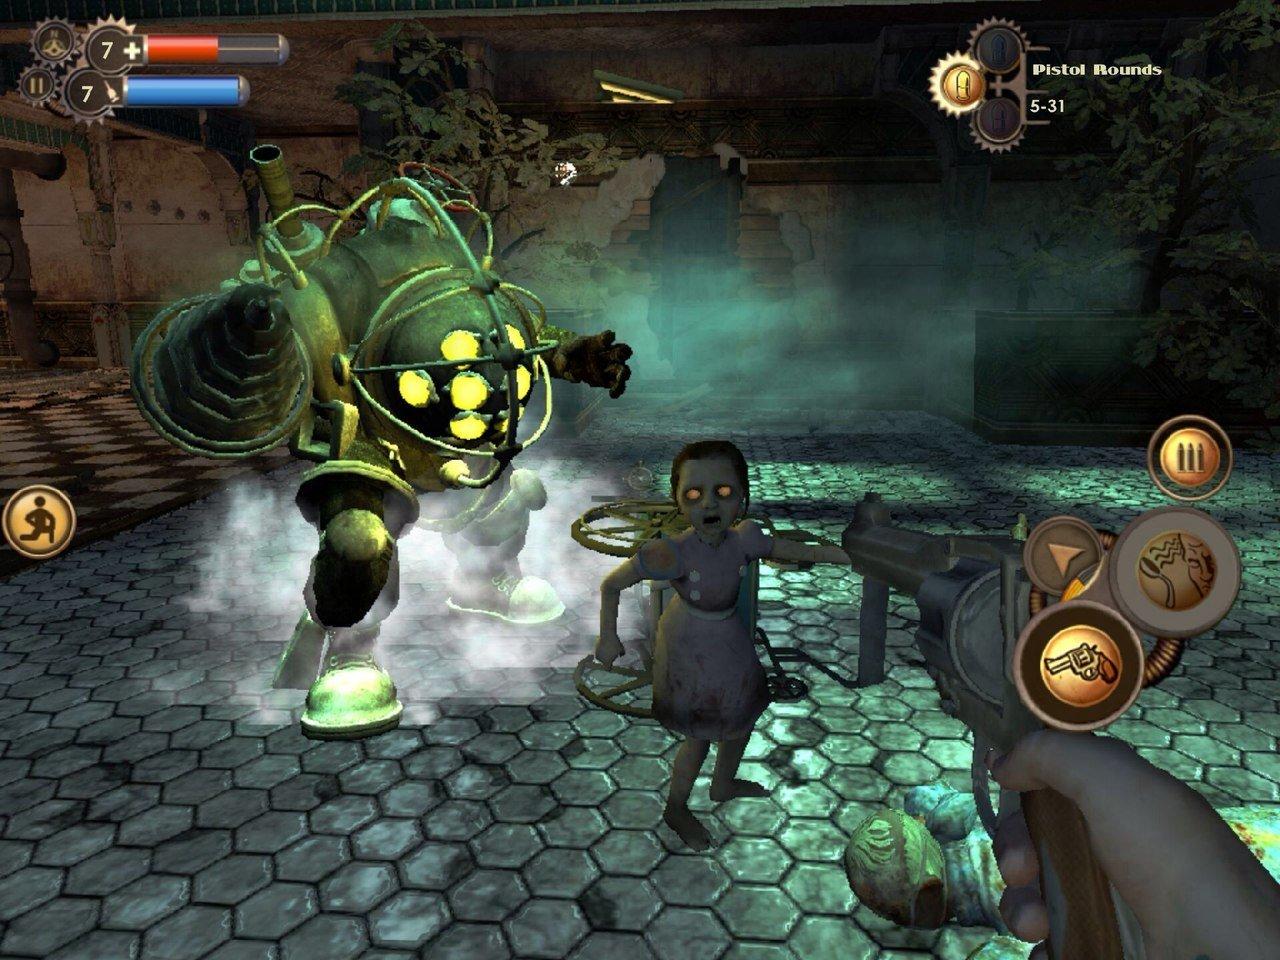 Первая часть серии Bioshock выйдет для iOS-устройств уже этим летом.. - Изображение 1